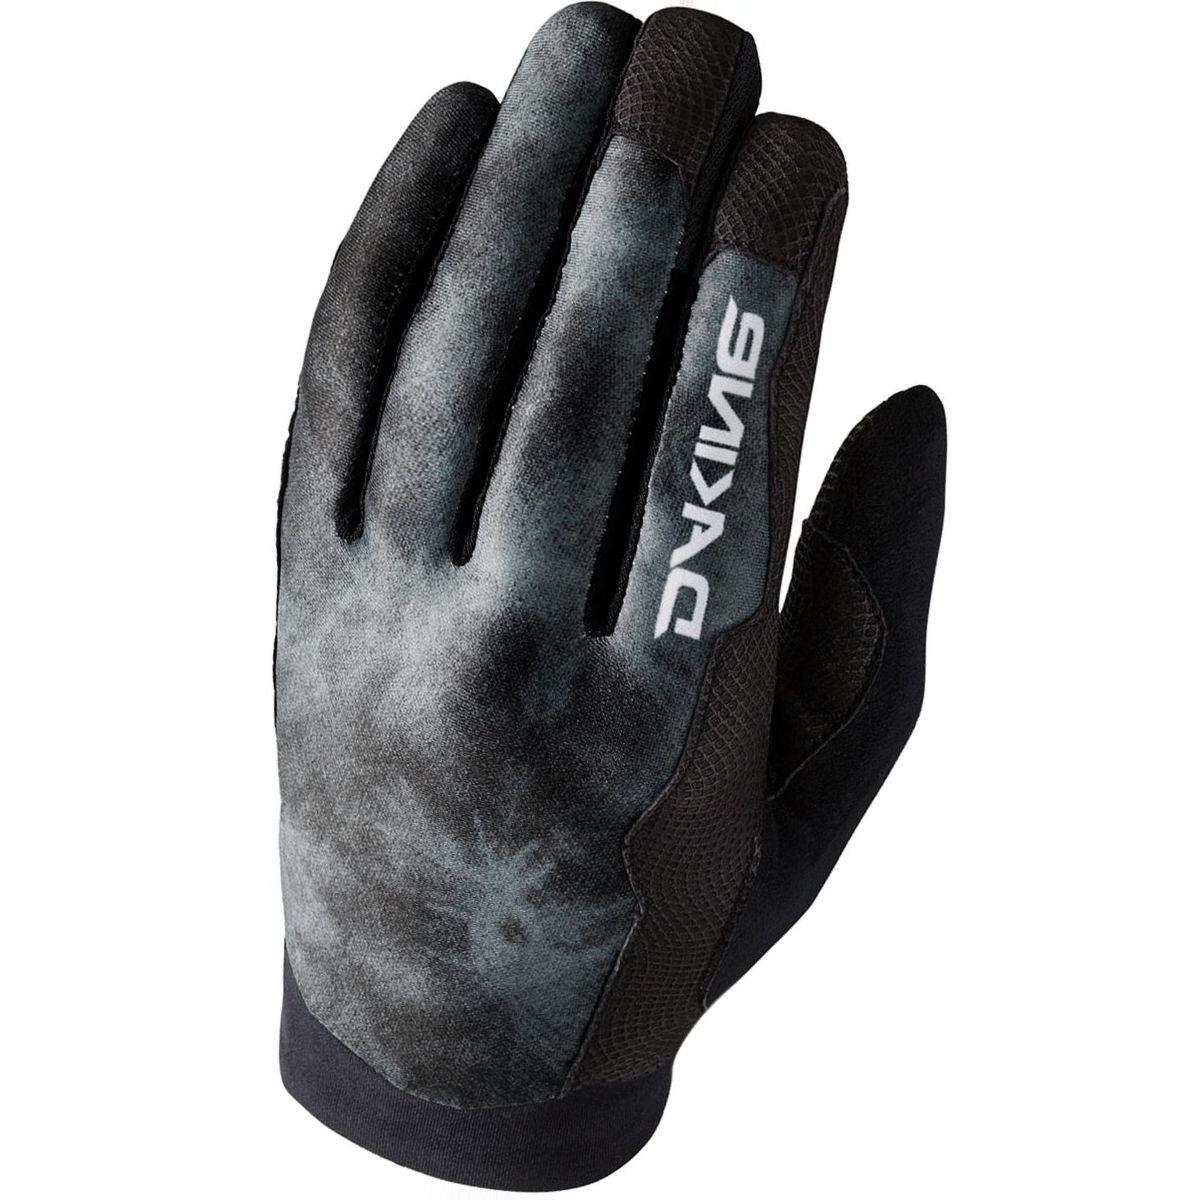 DAKINE Thrillium Glove - Men's